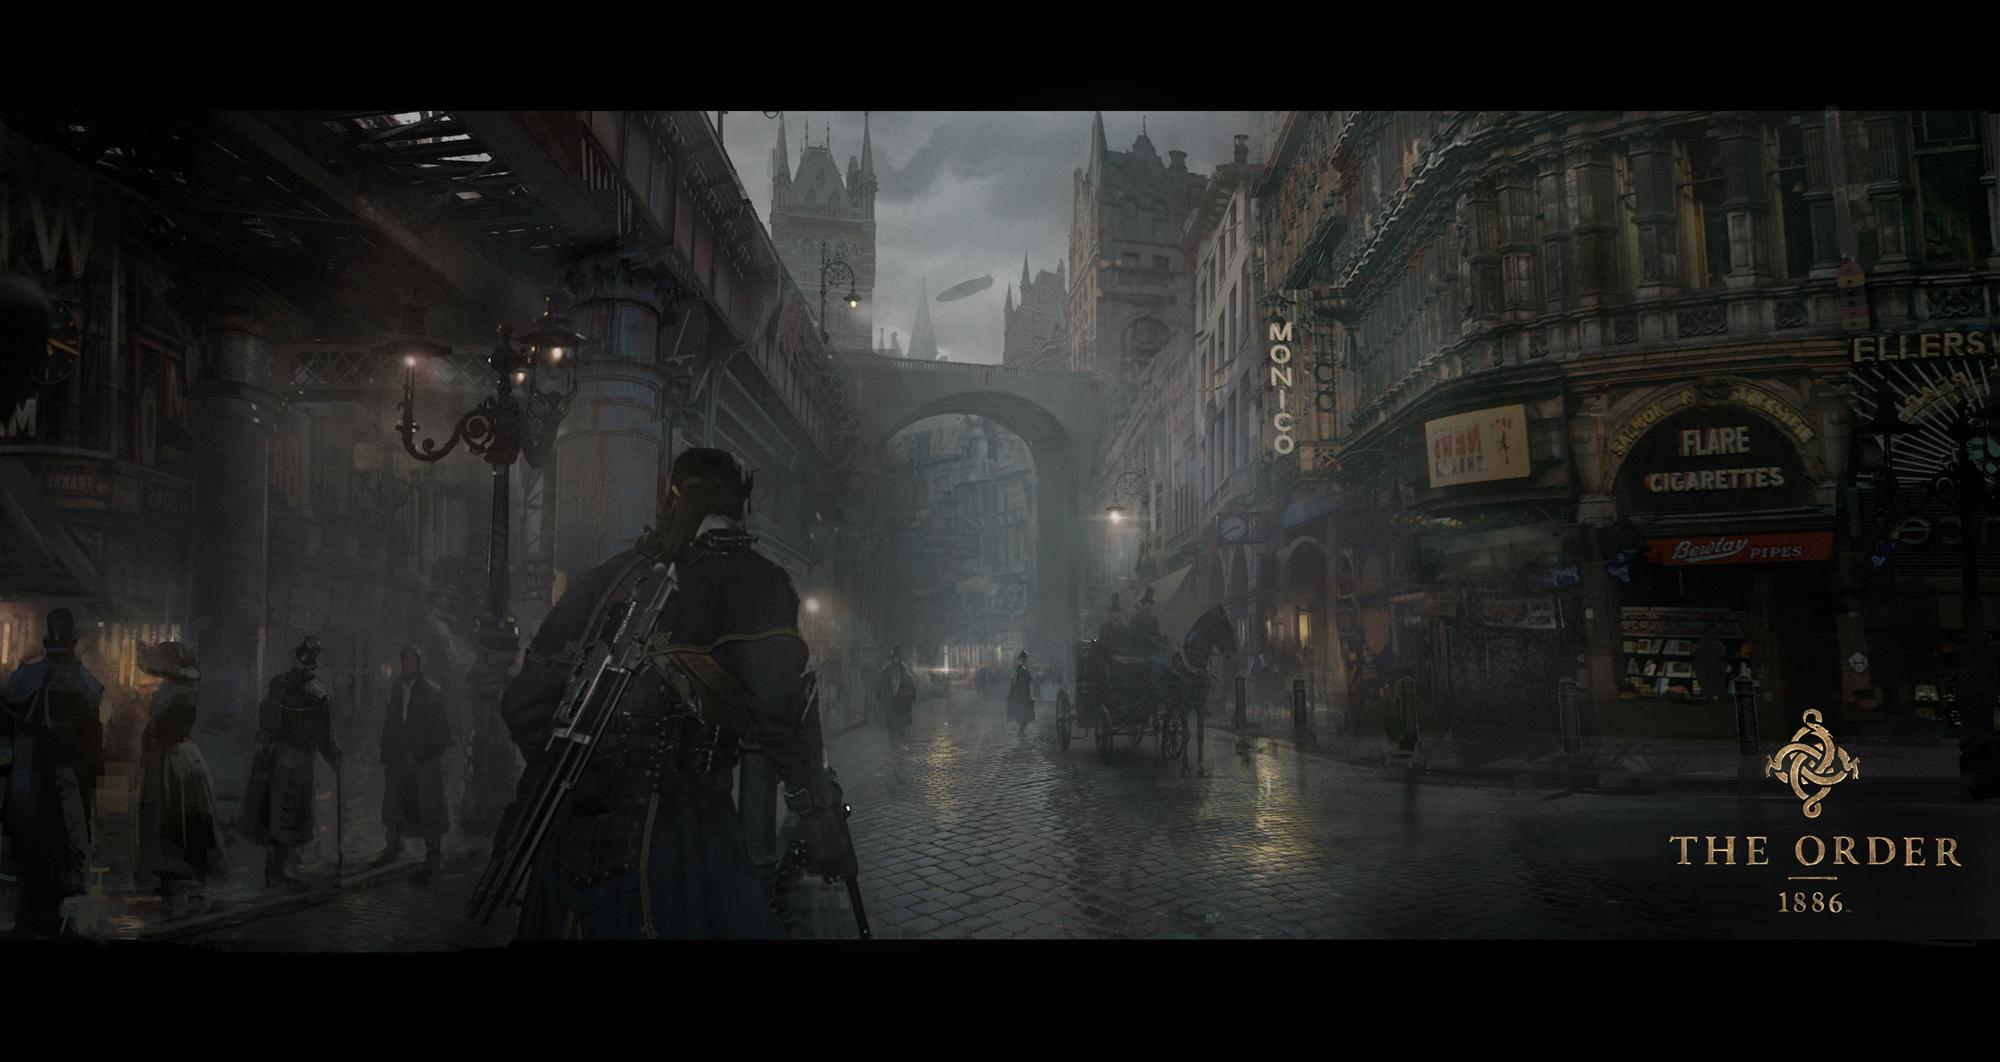 Nuevo trailer de The Order 1886 [Trailer]